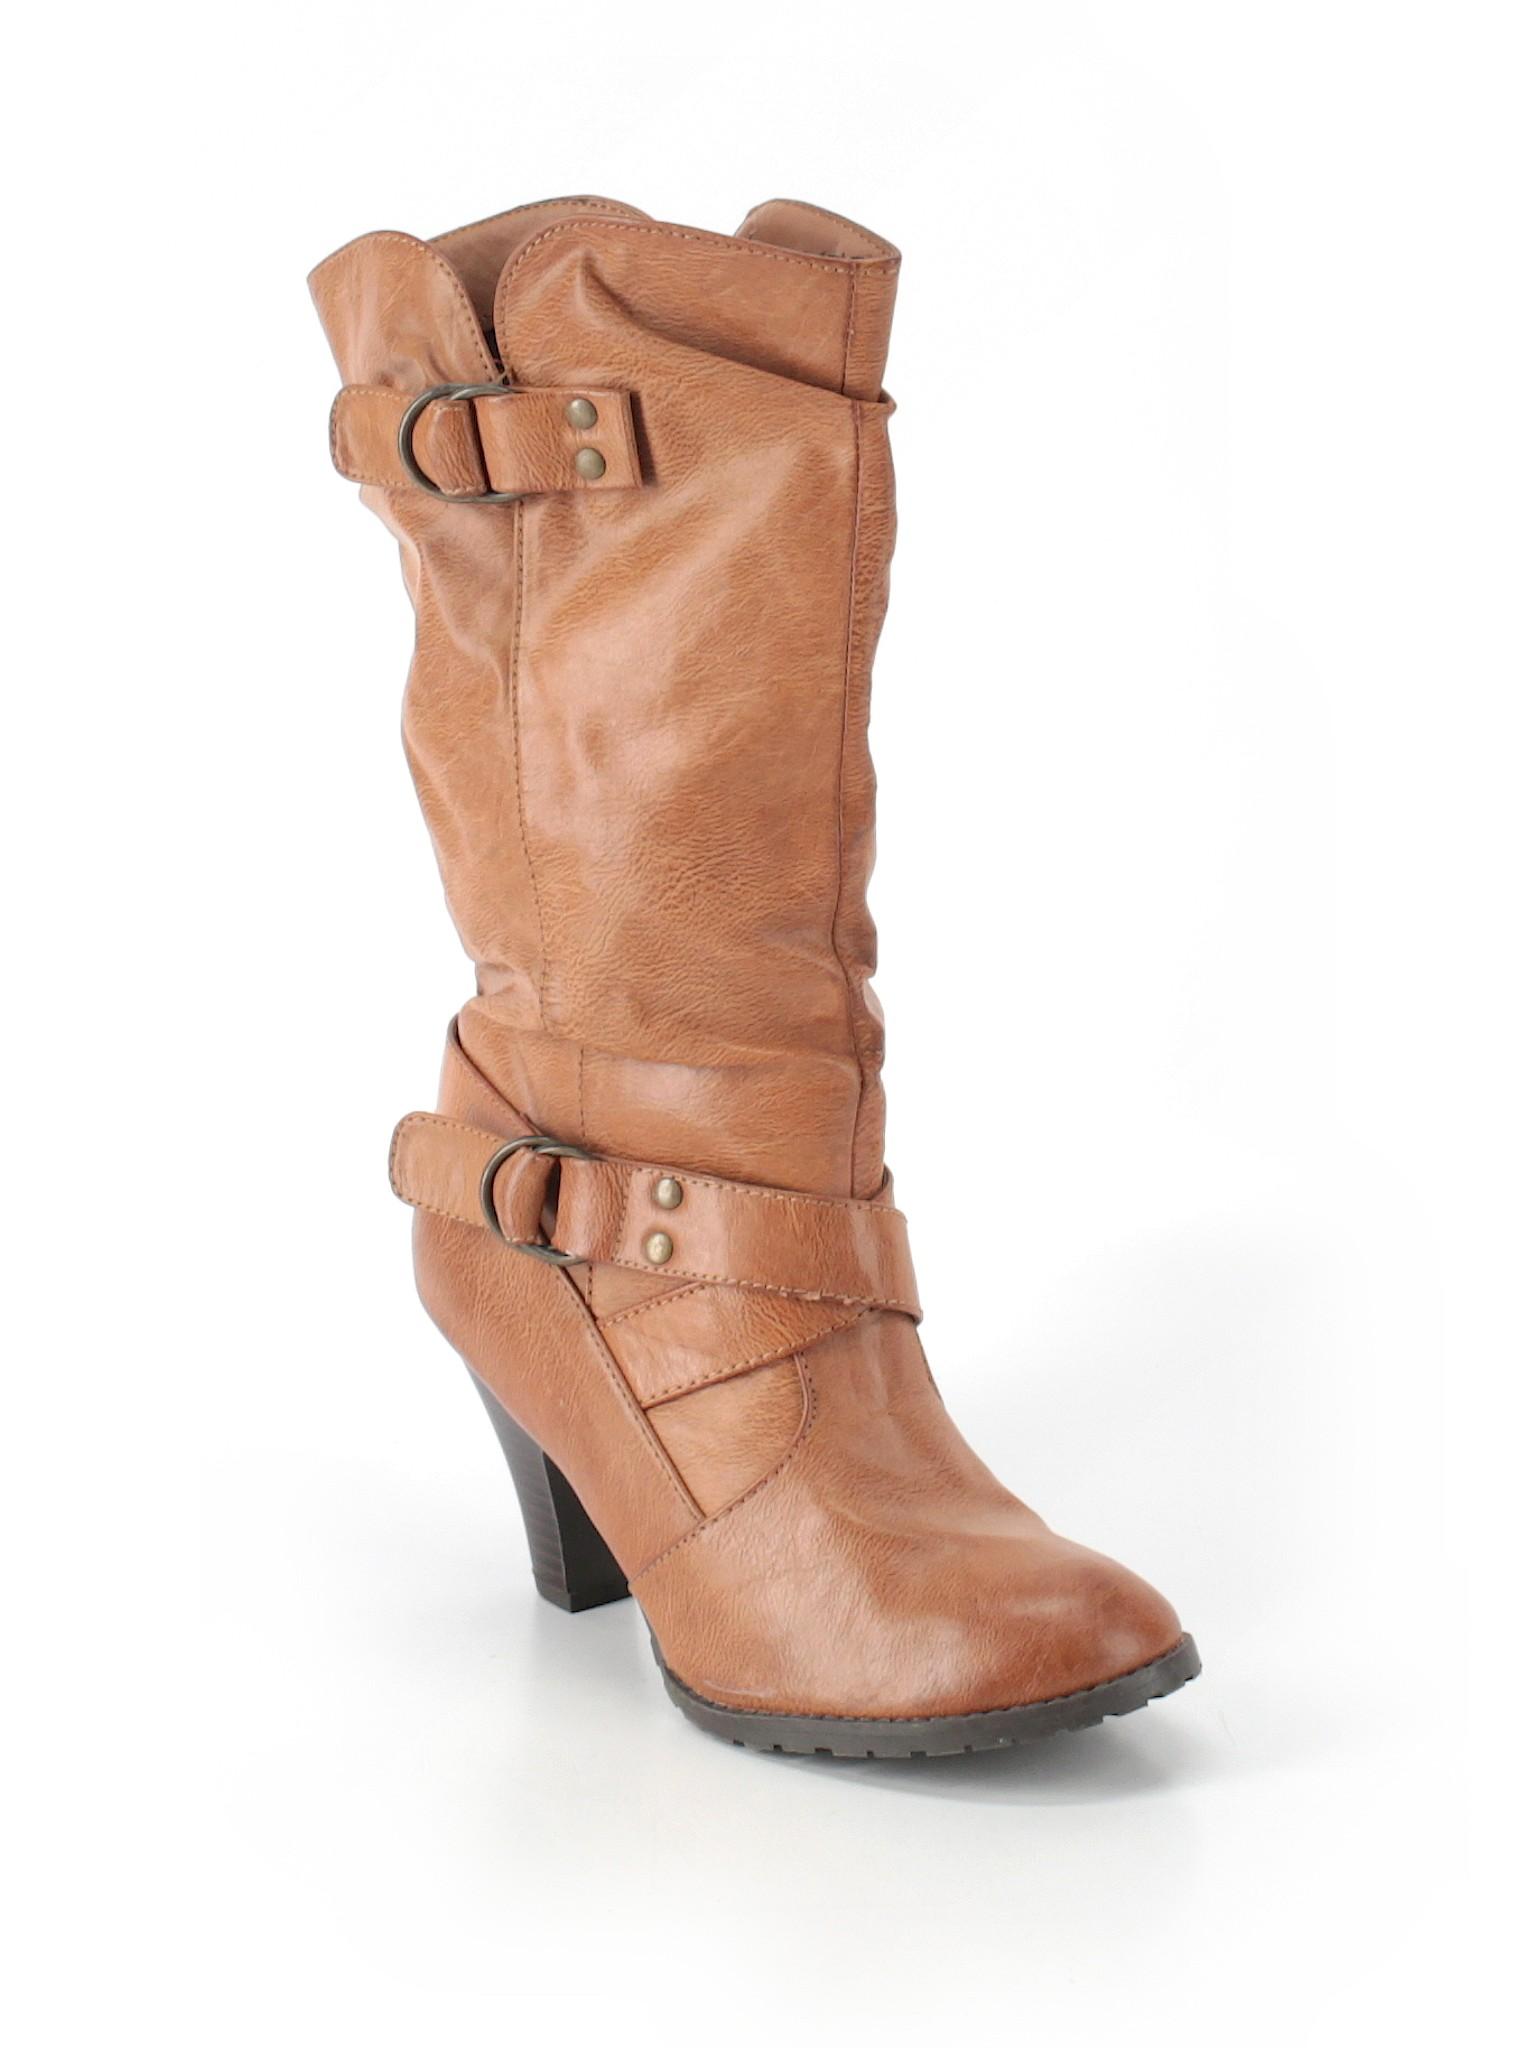 Apt 9 Boutique promotion Apt Boots 9 promotion Boutique znRqfPx8wB